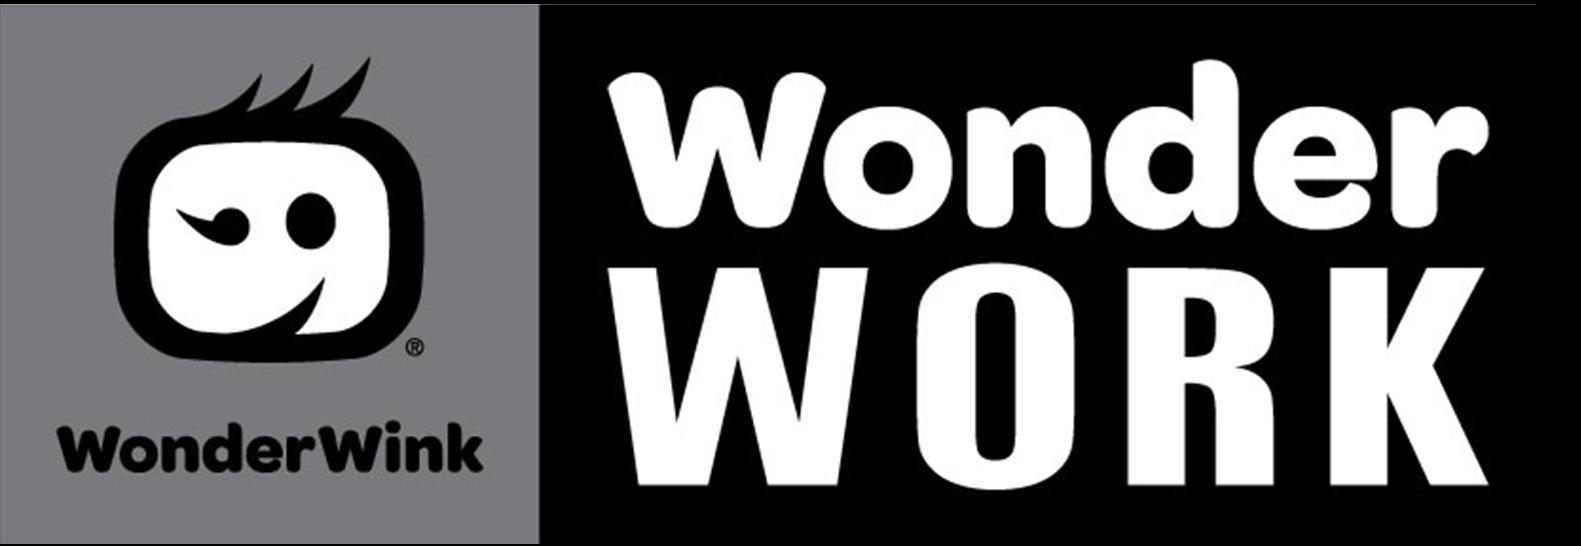 WonderWink Work